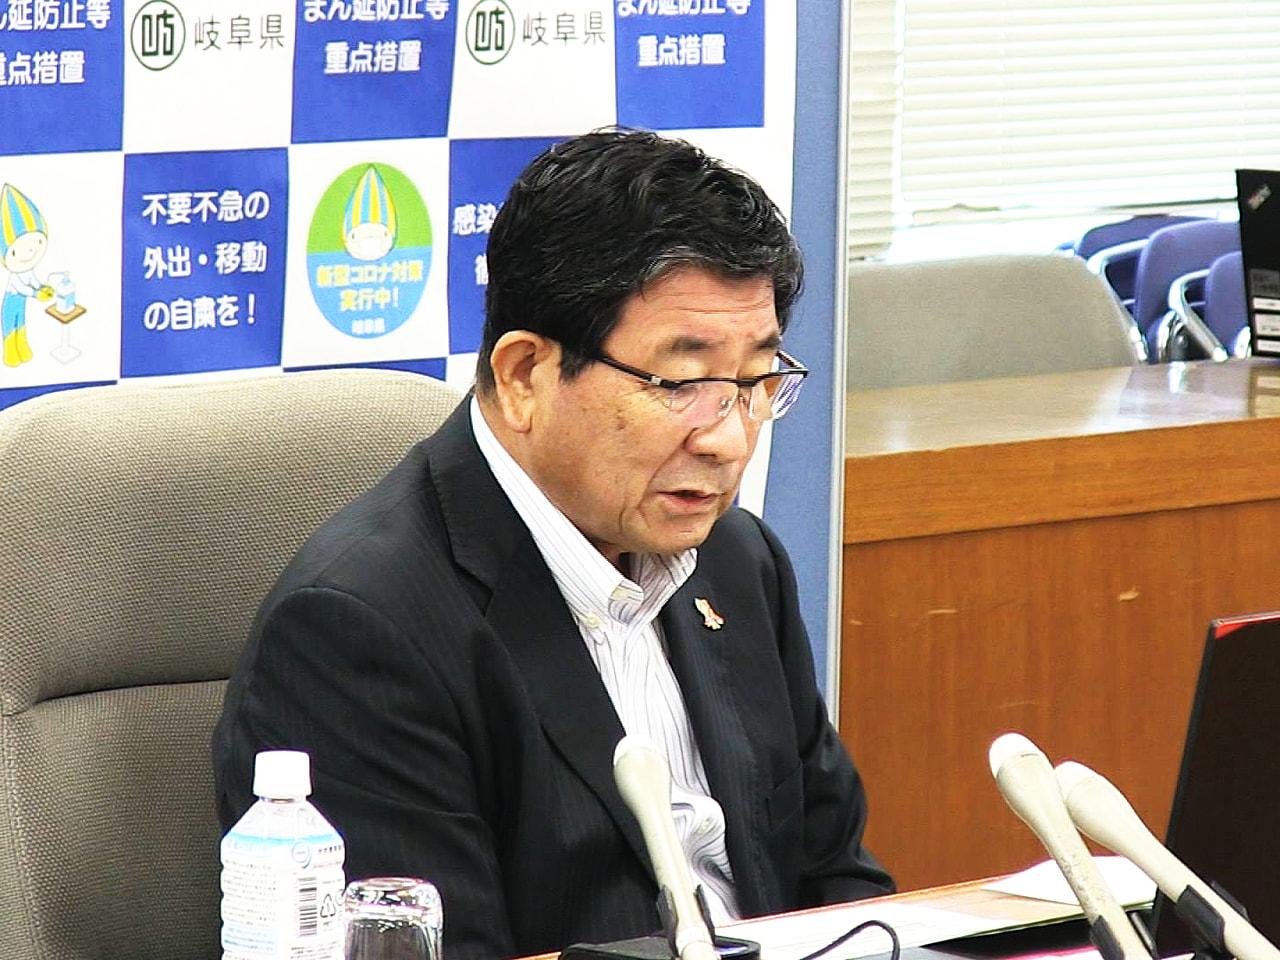 全国知事会議が10日、オンライン形式で行われ、岐阜県の古田肇知事は新型コロナウイ...